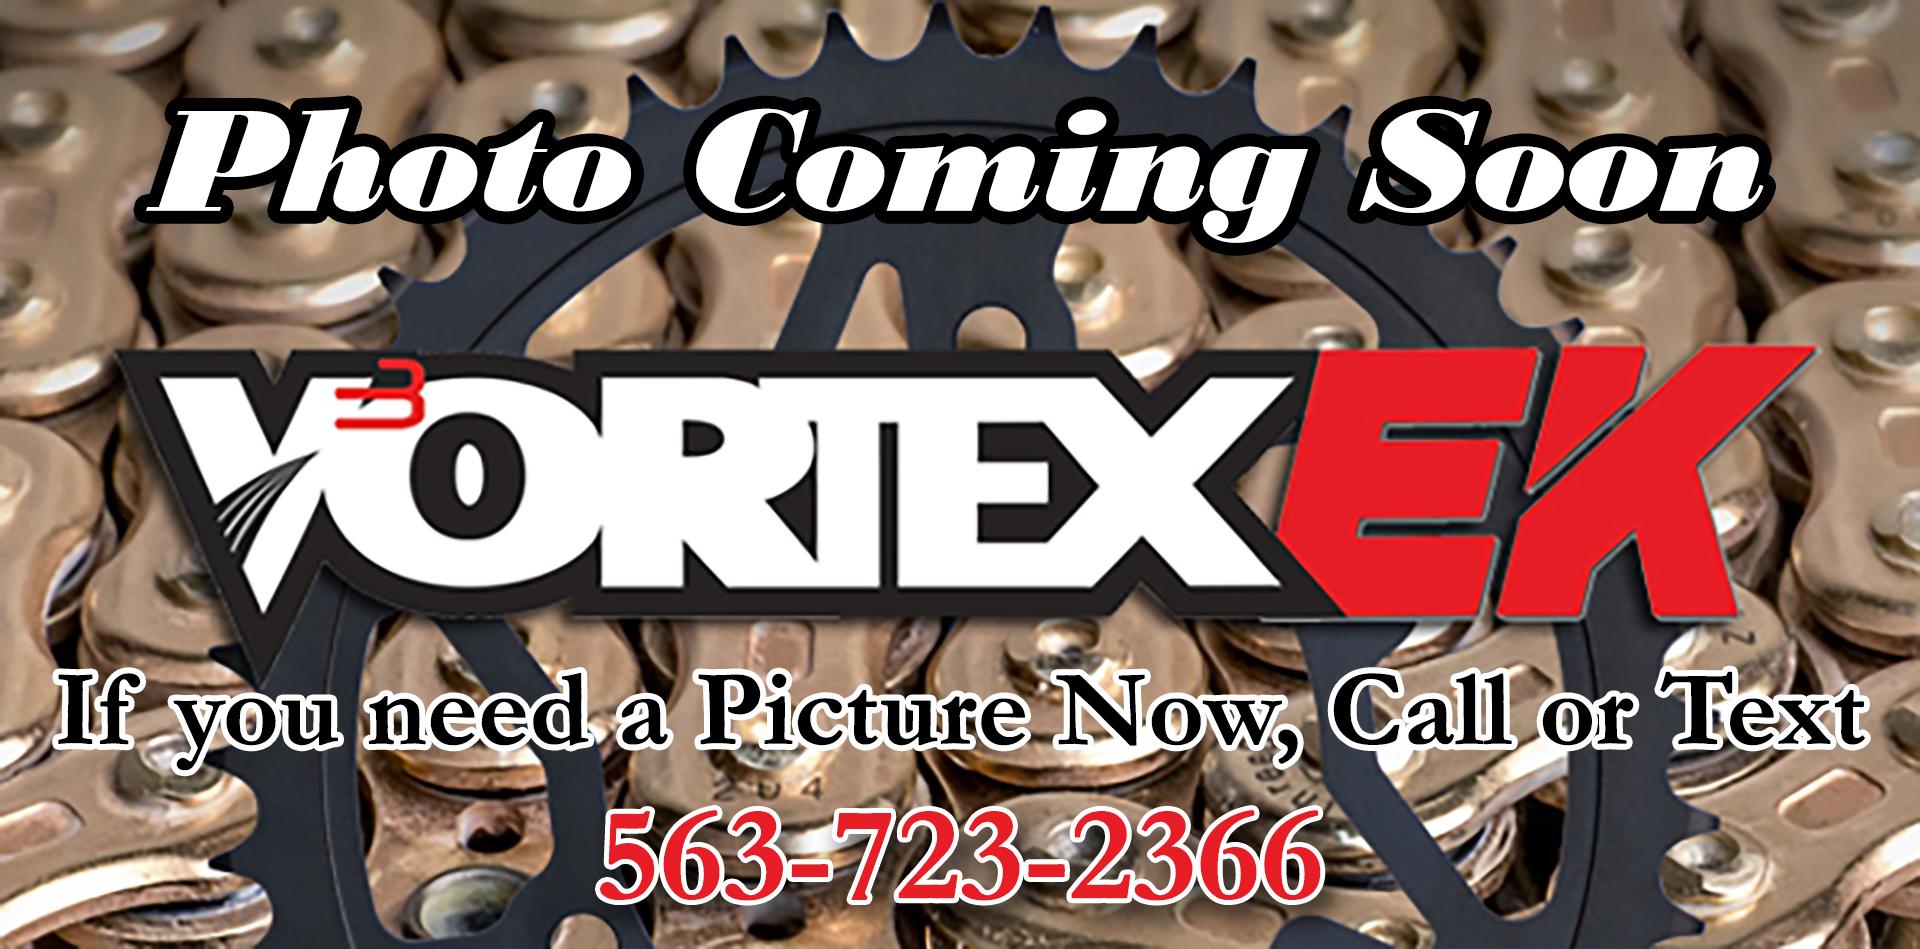 Vortex Gift Card $25